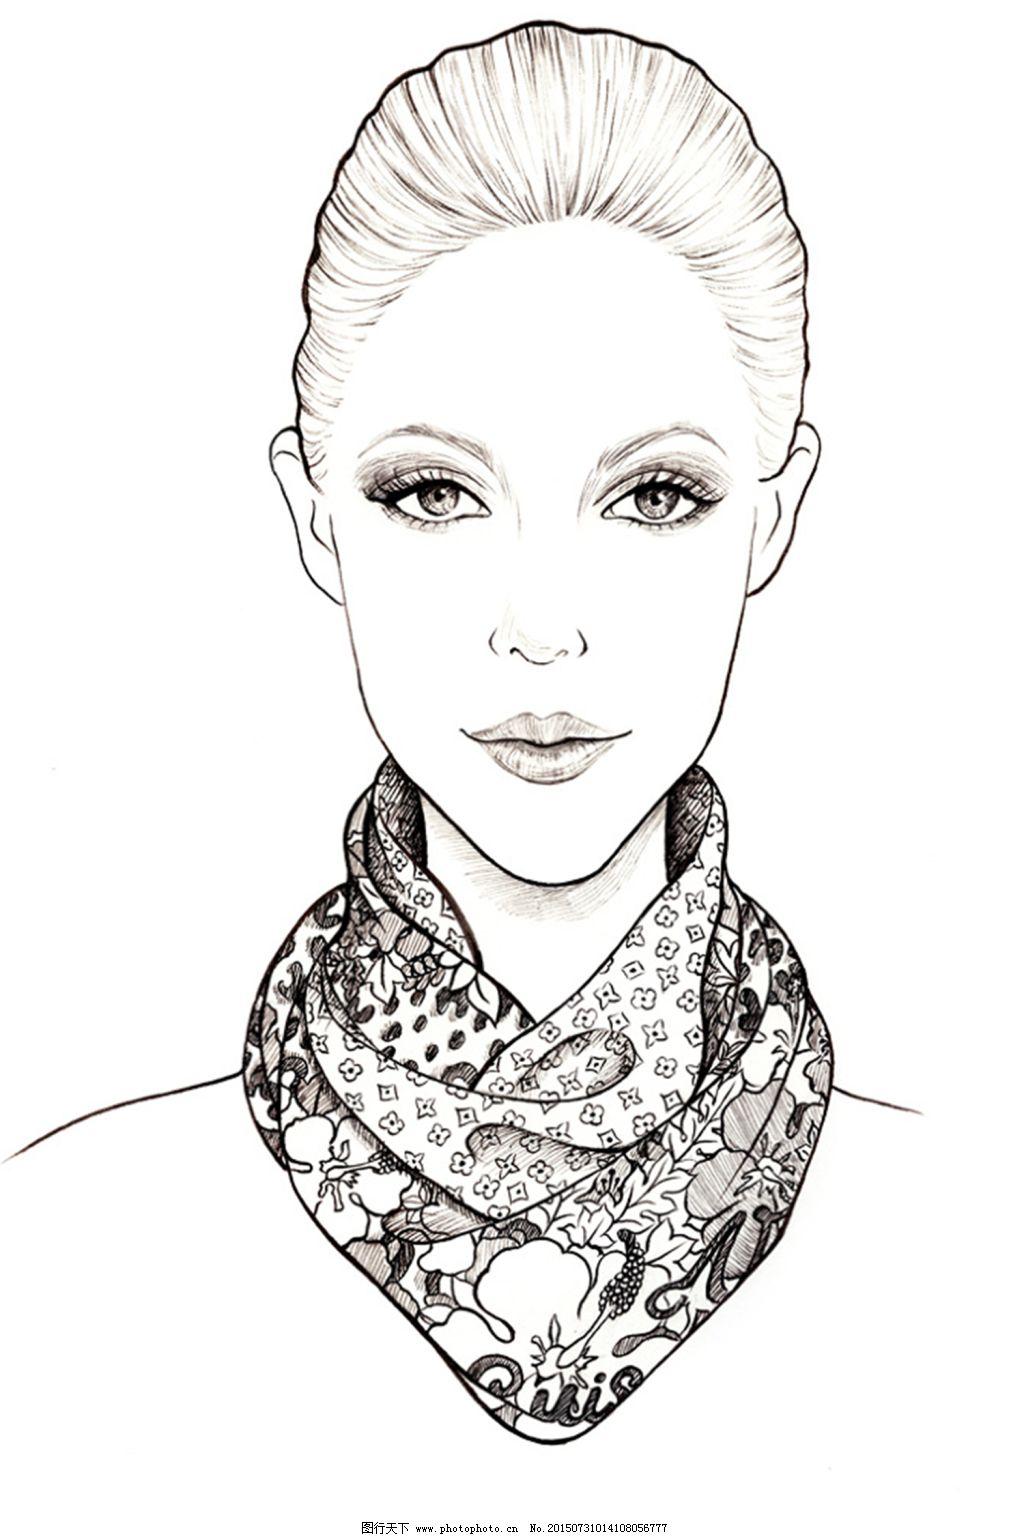 设计图库 服装设计 手绘服装设计    上传: 2015-7-31 大小: 2.